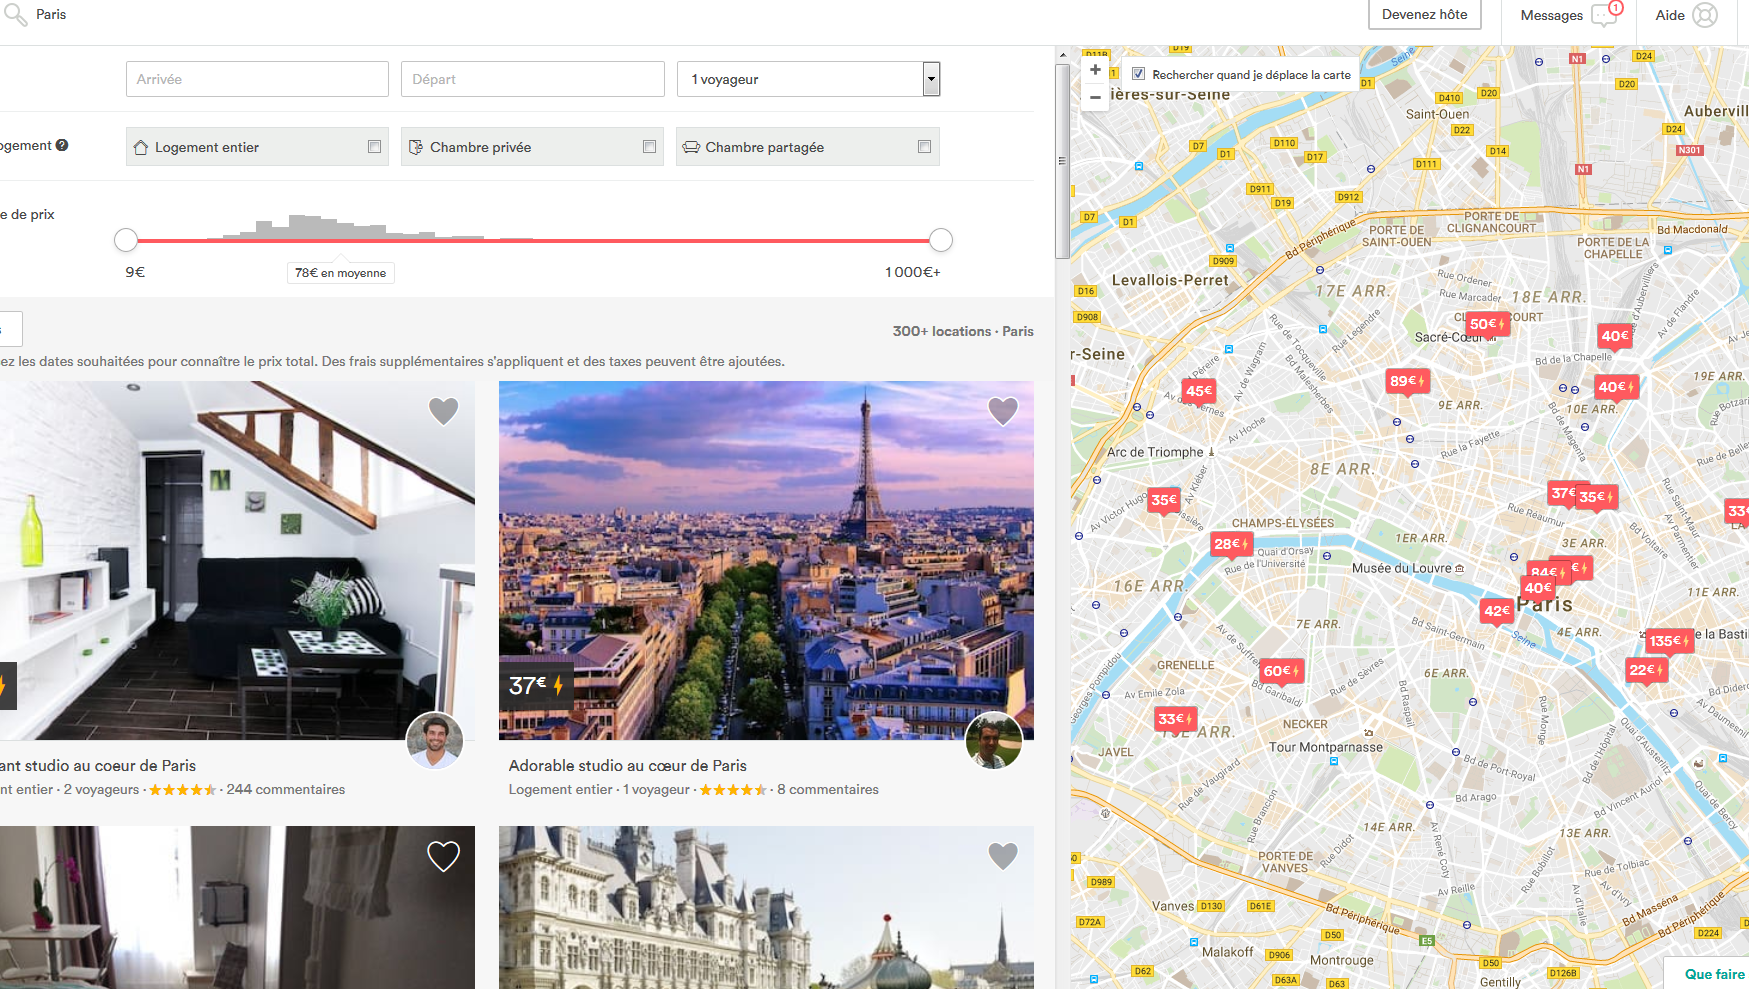 En l'espace de deux ans, le site Airbnb a multiplié par dix le nombre de ses offres proposées pour Paris.